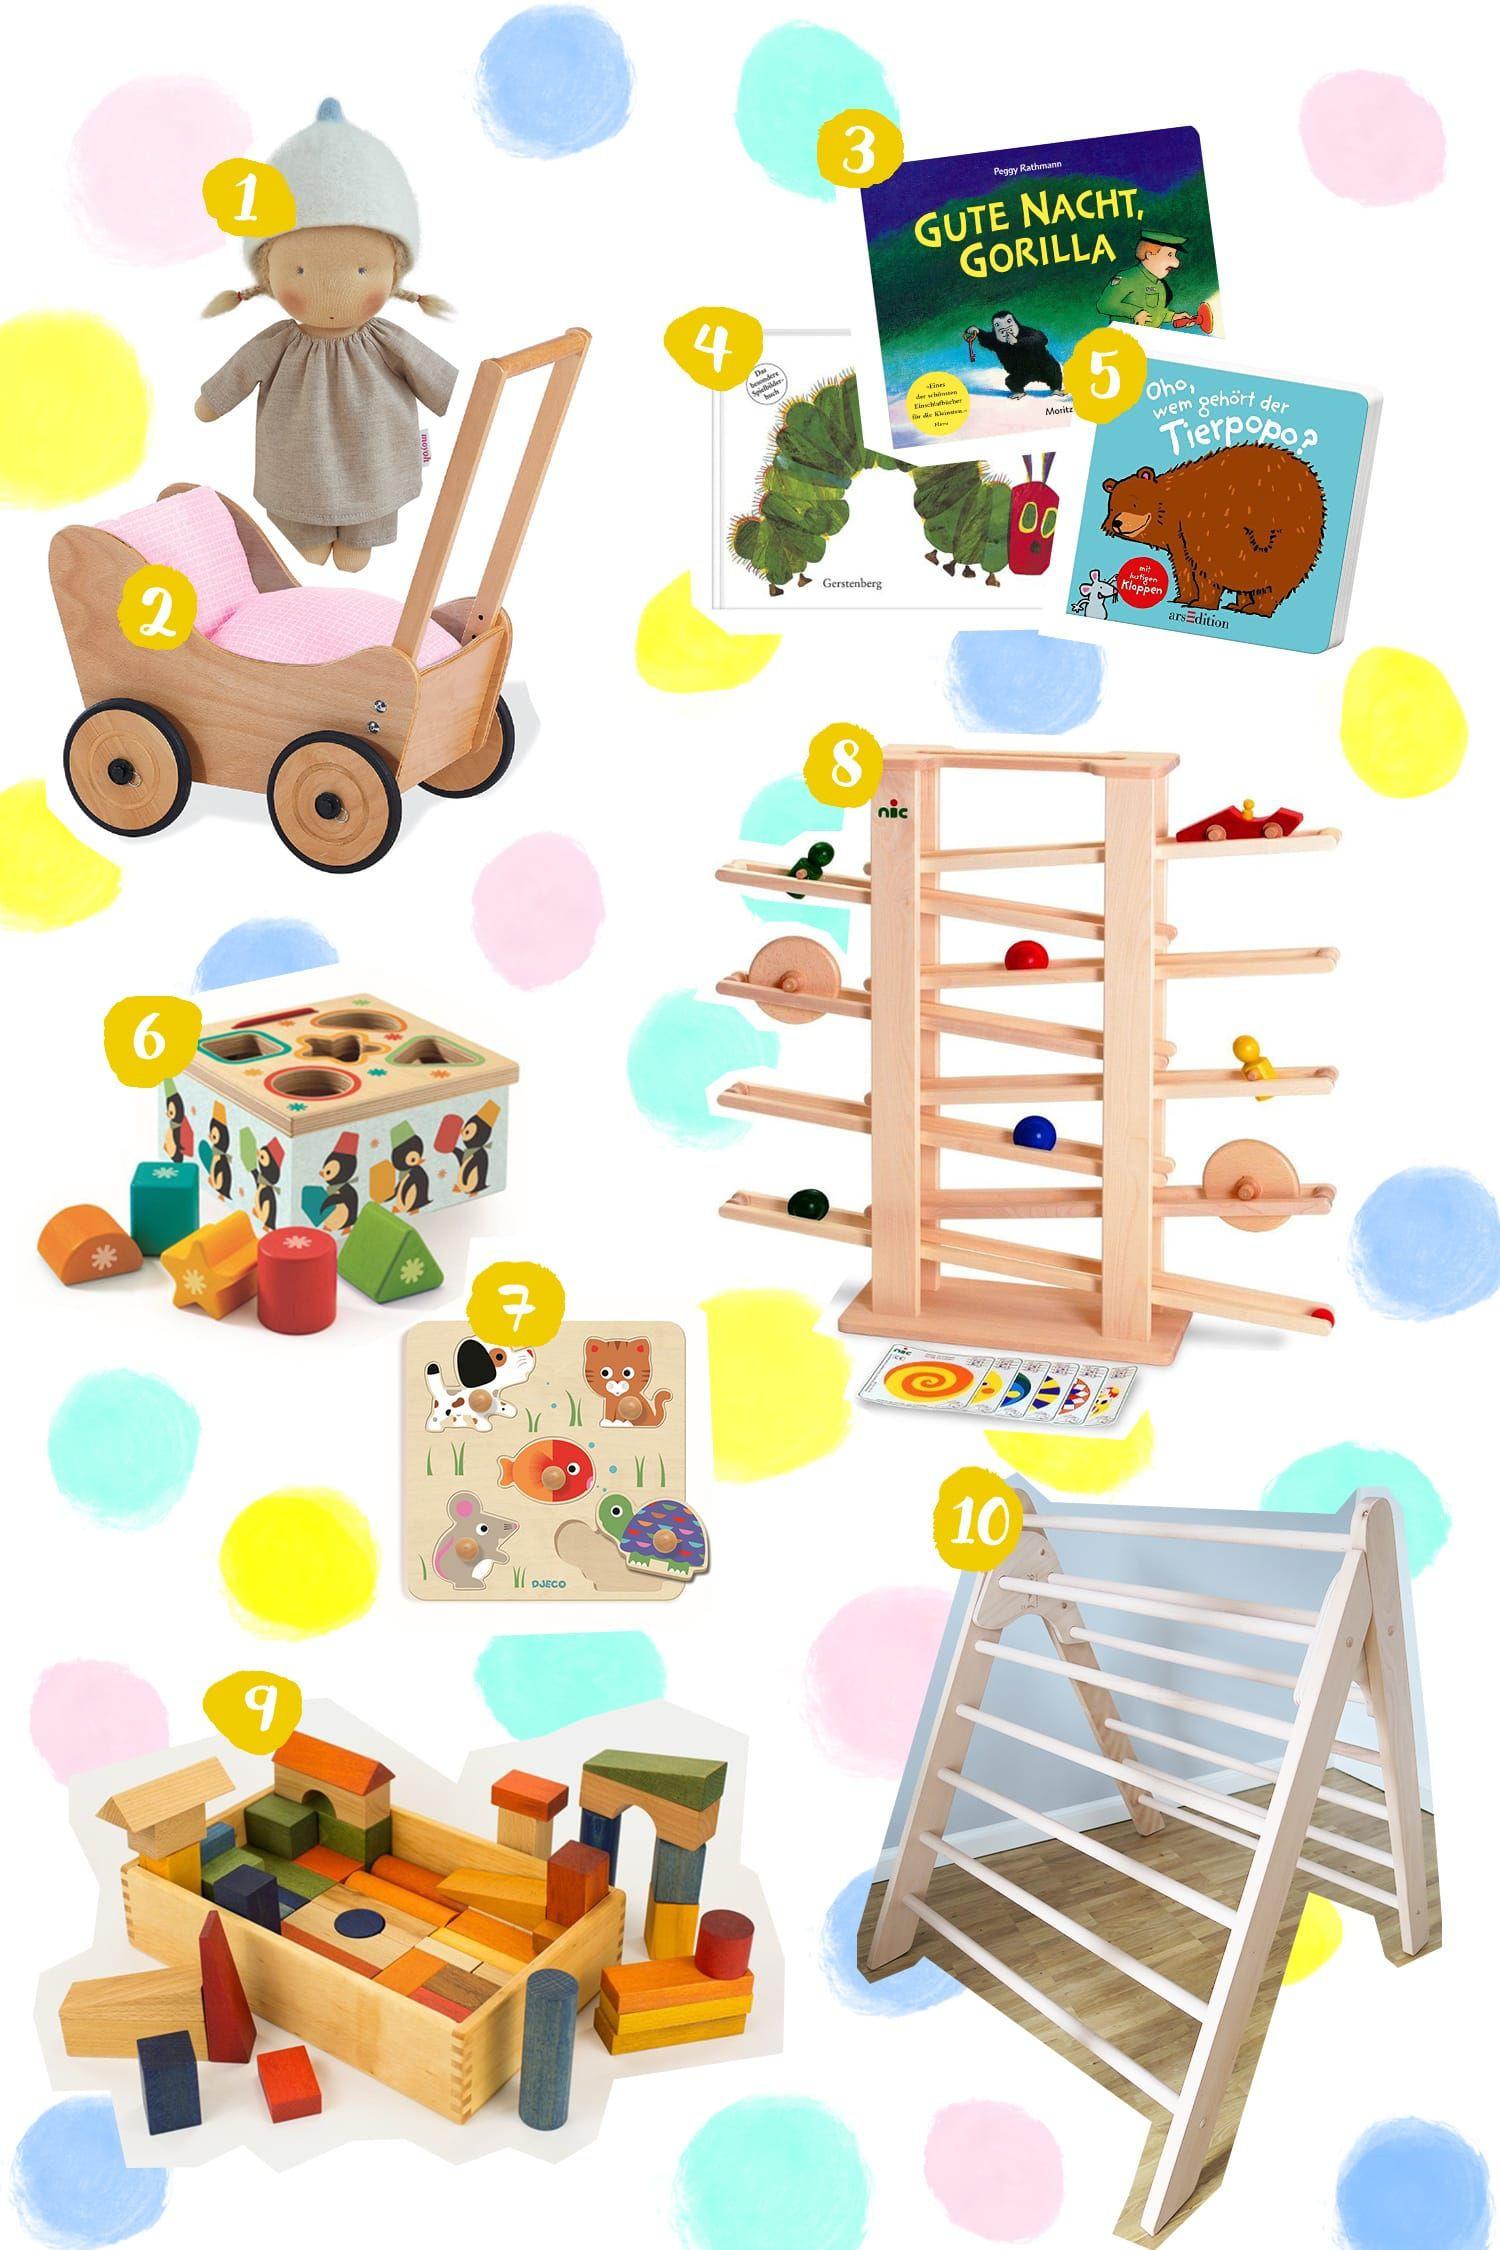 Geschenke Für 2Jährige  Sinnvolle Geschenke zum 1 Geburtstag lesen